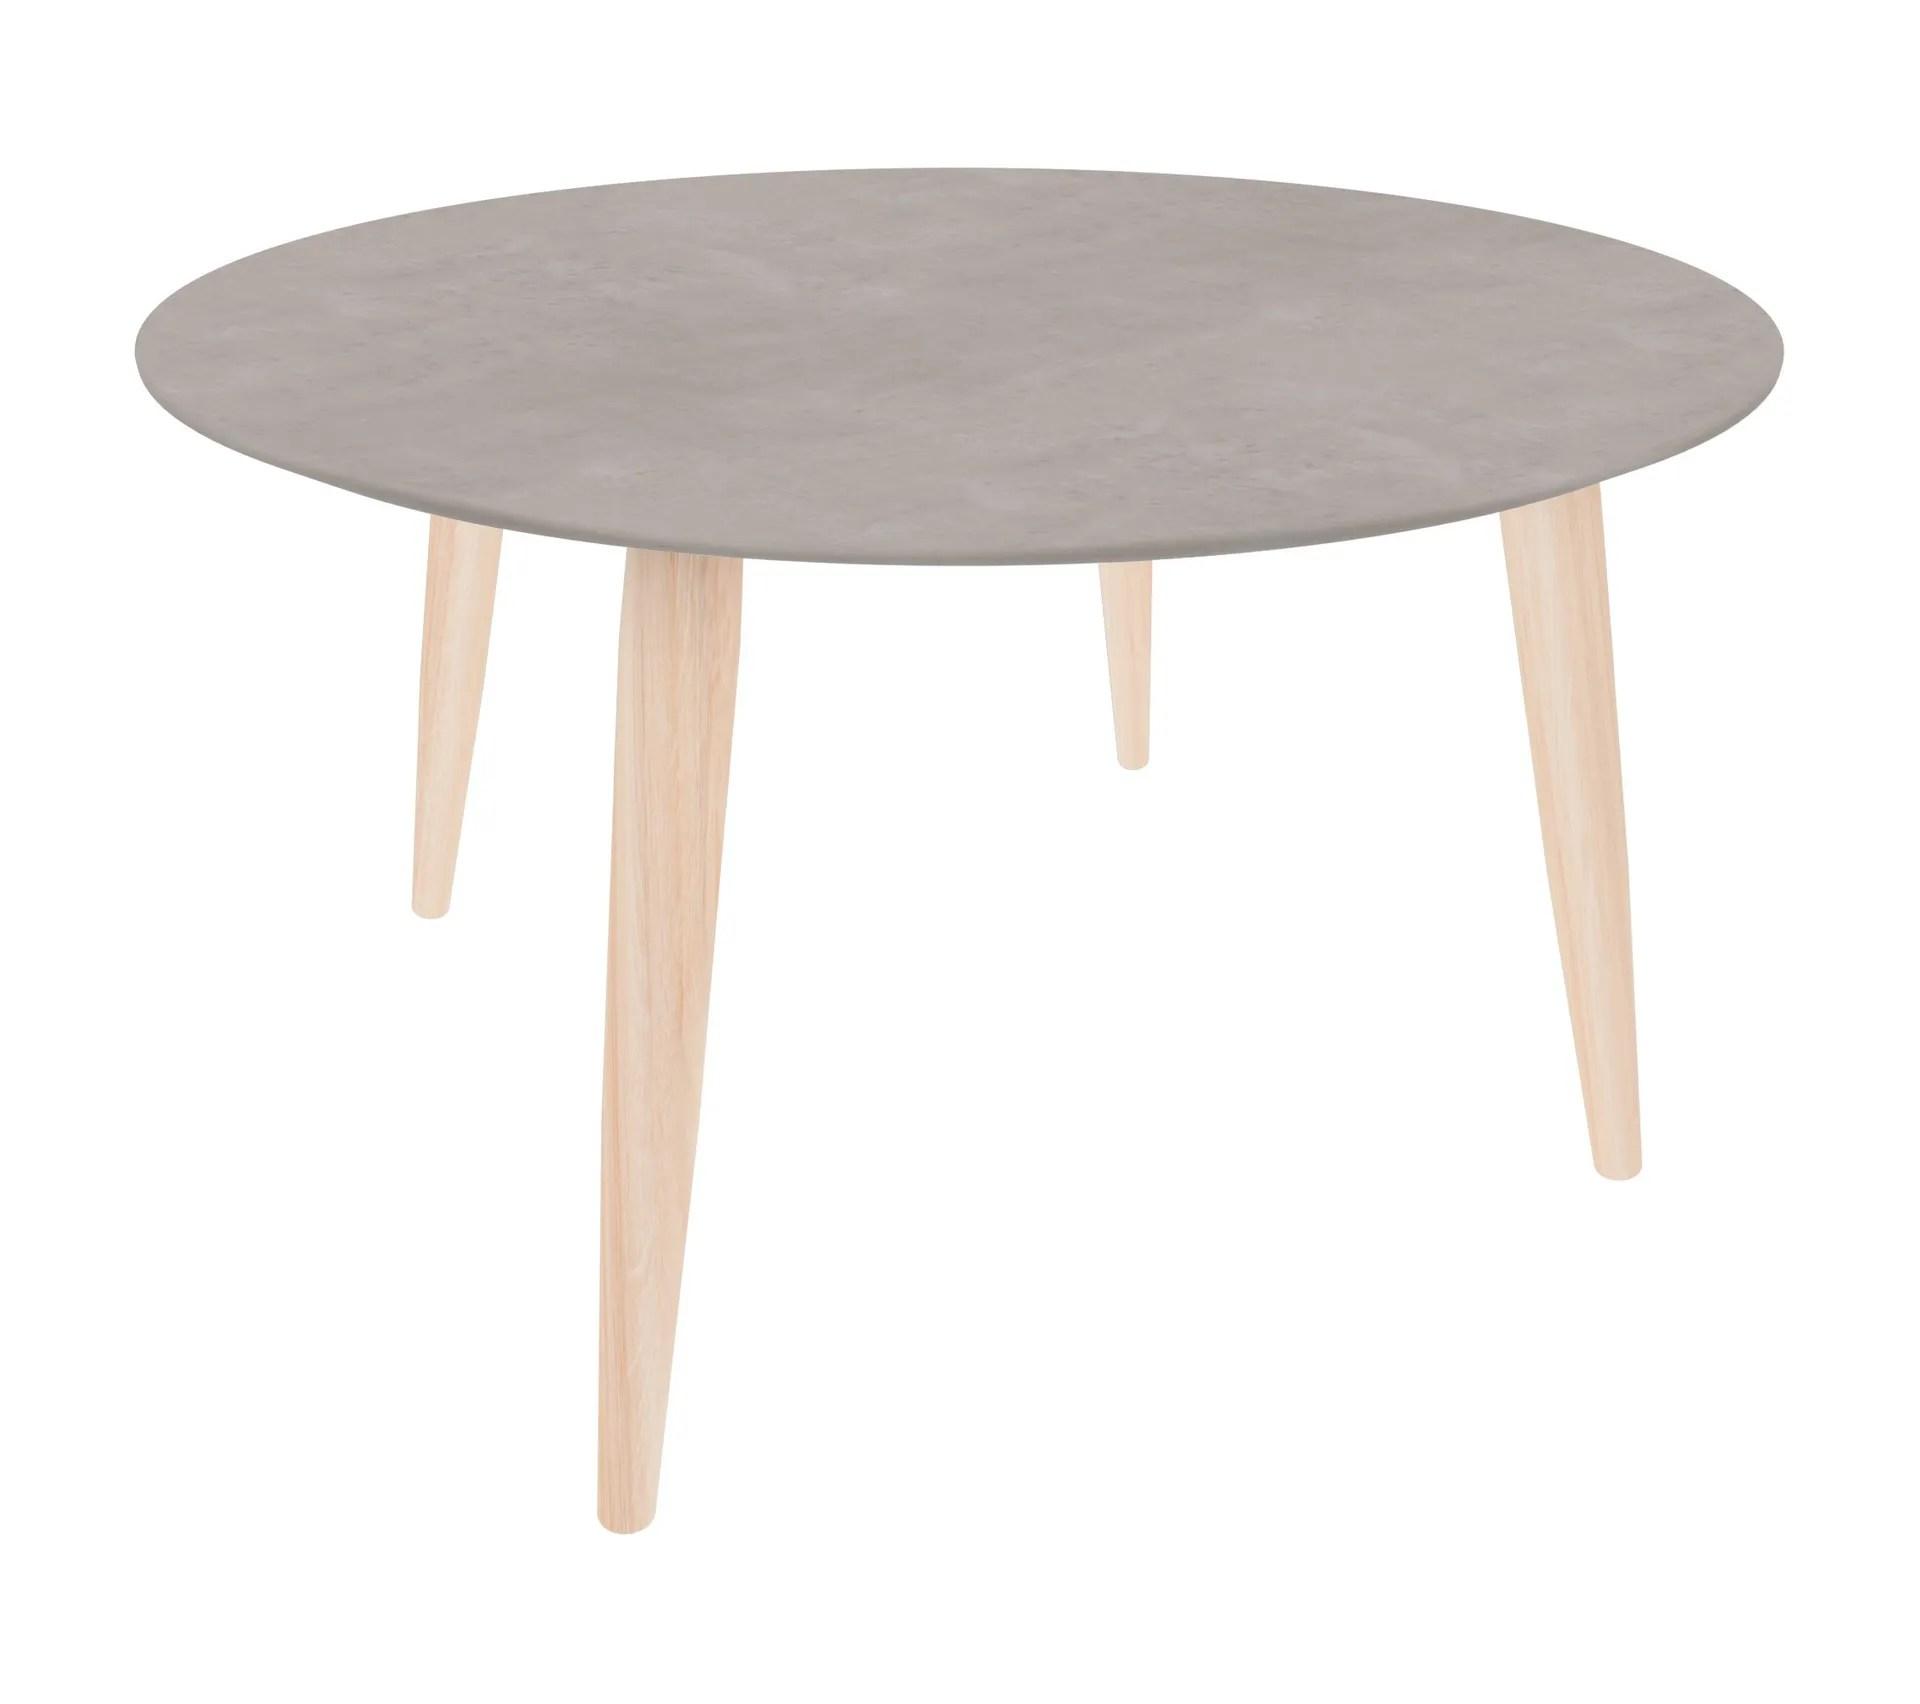 table basse scandinave ronde manon beton